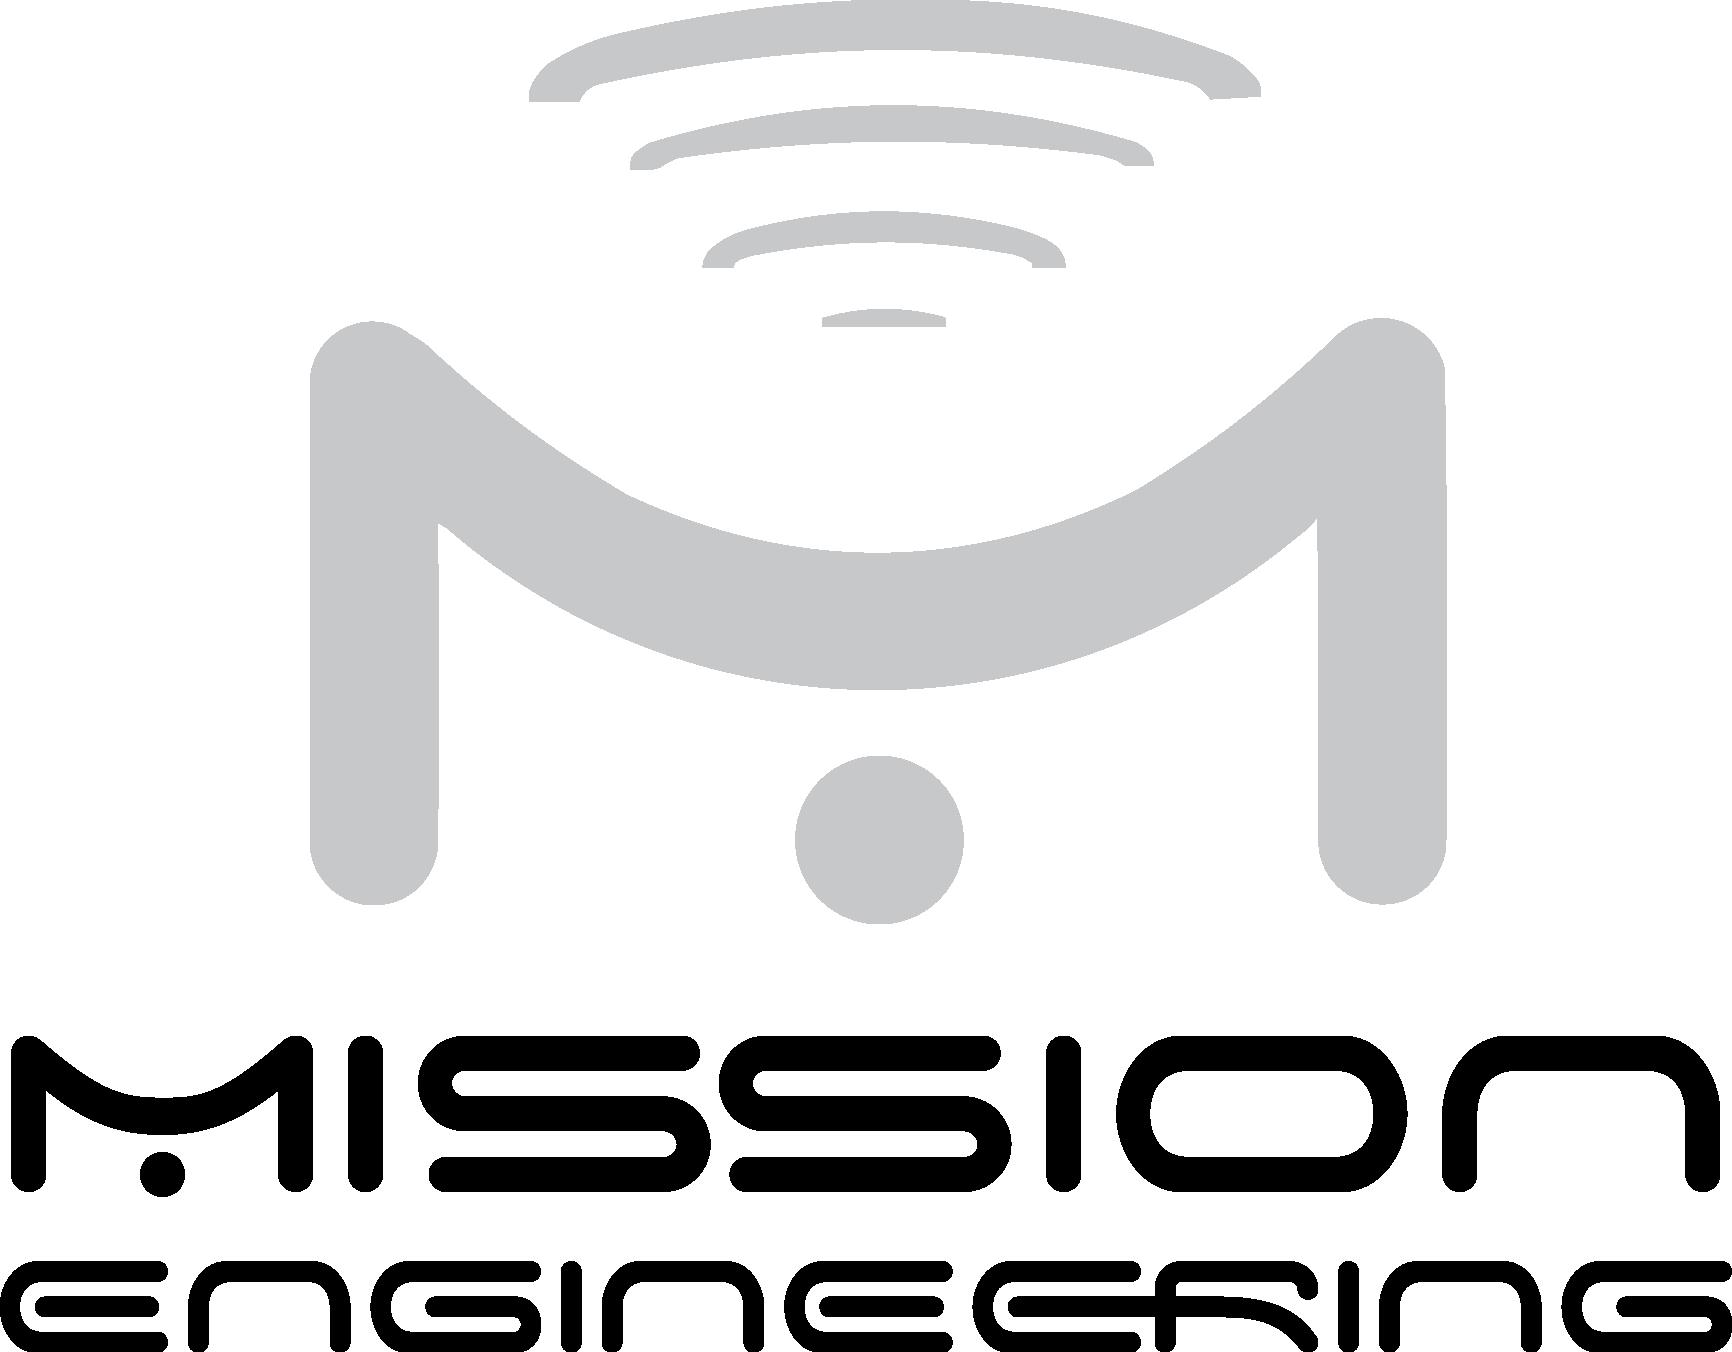 Mission Engineering